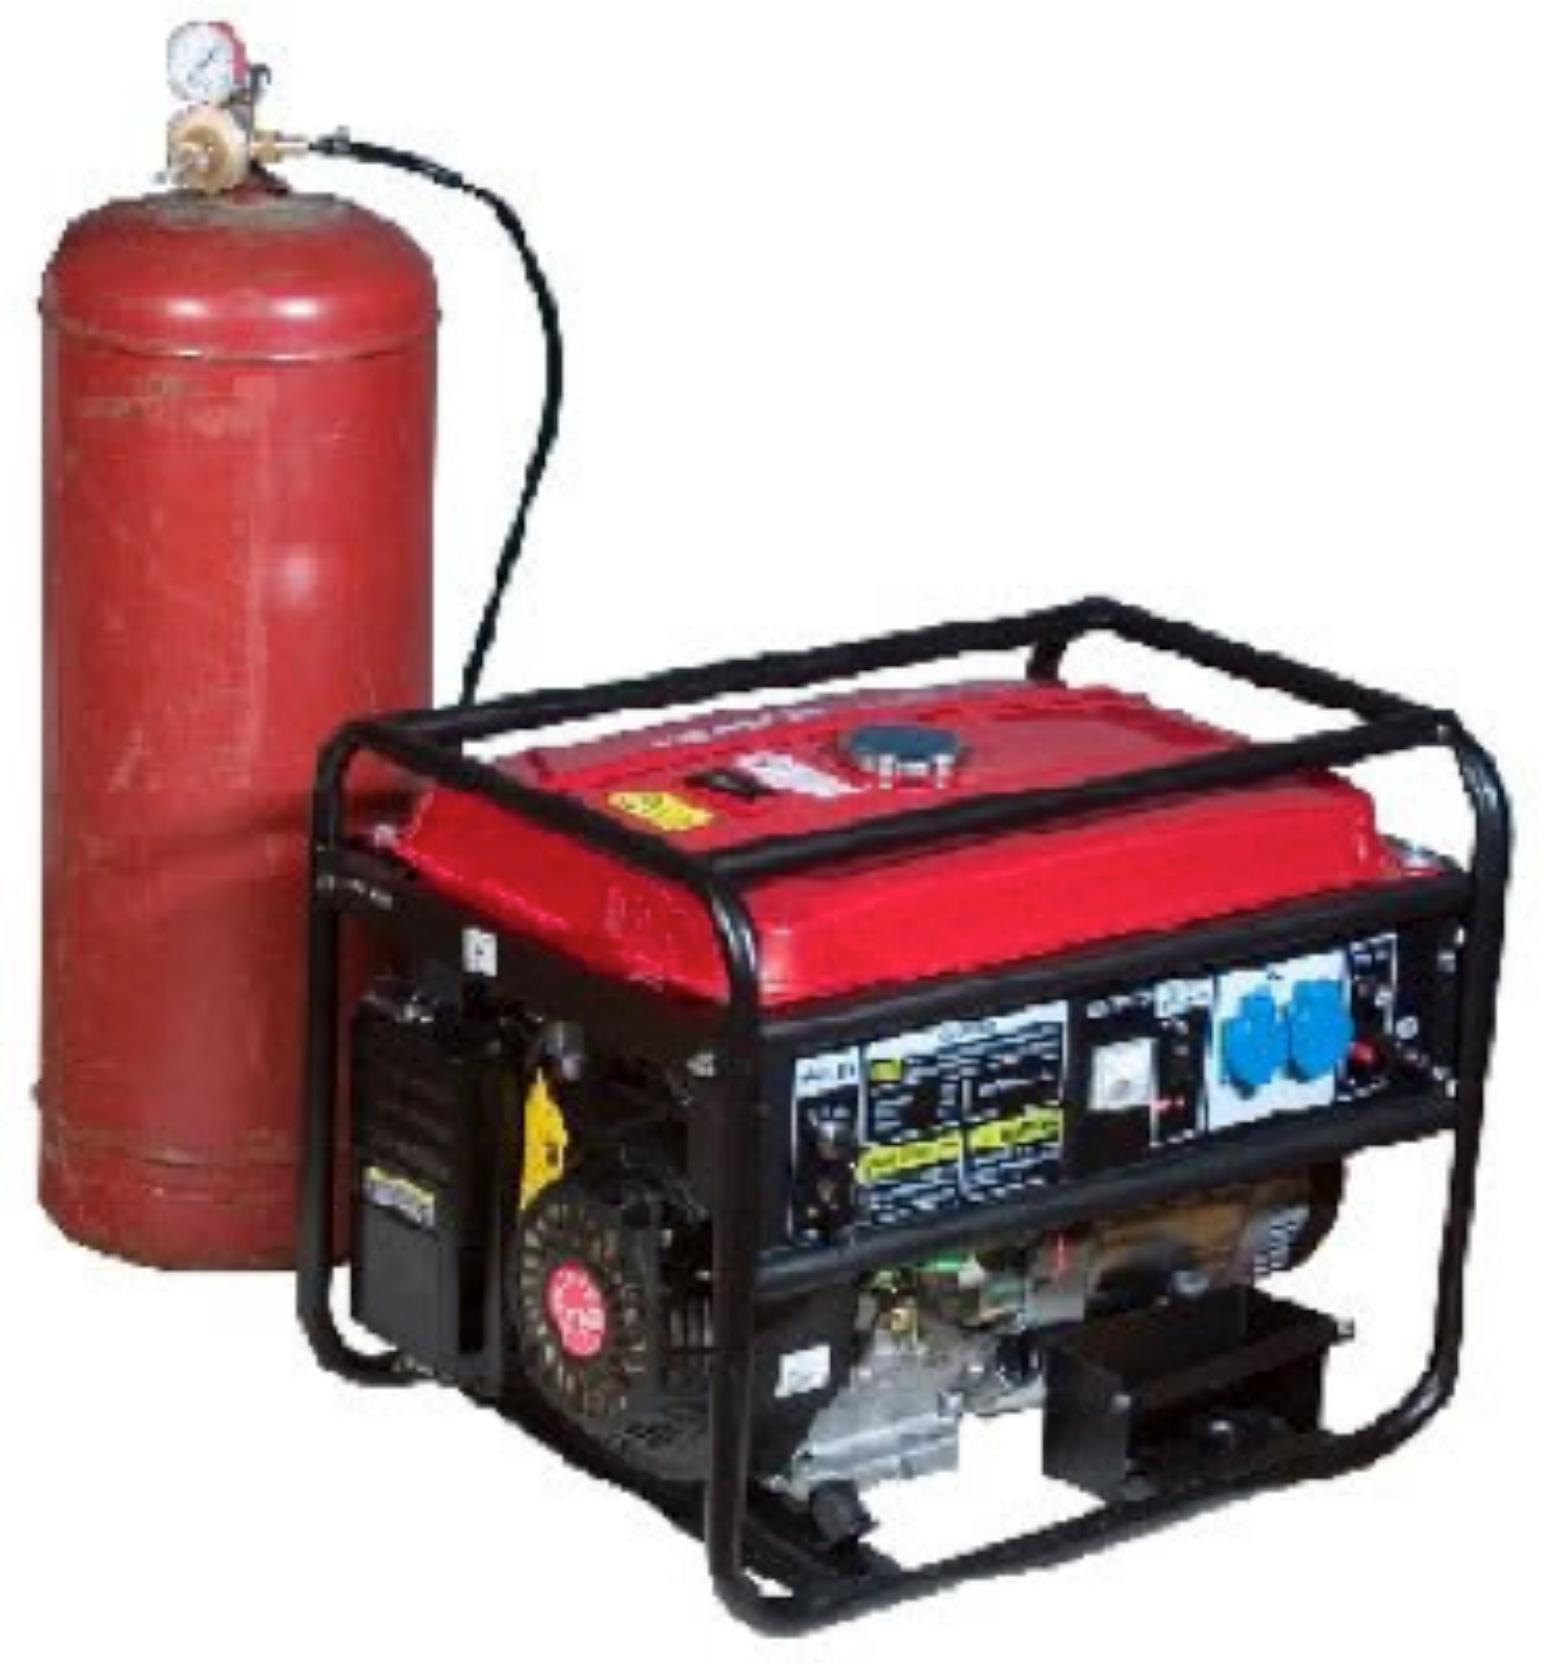 Бензиновый генератор на газу своими руками